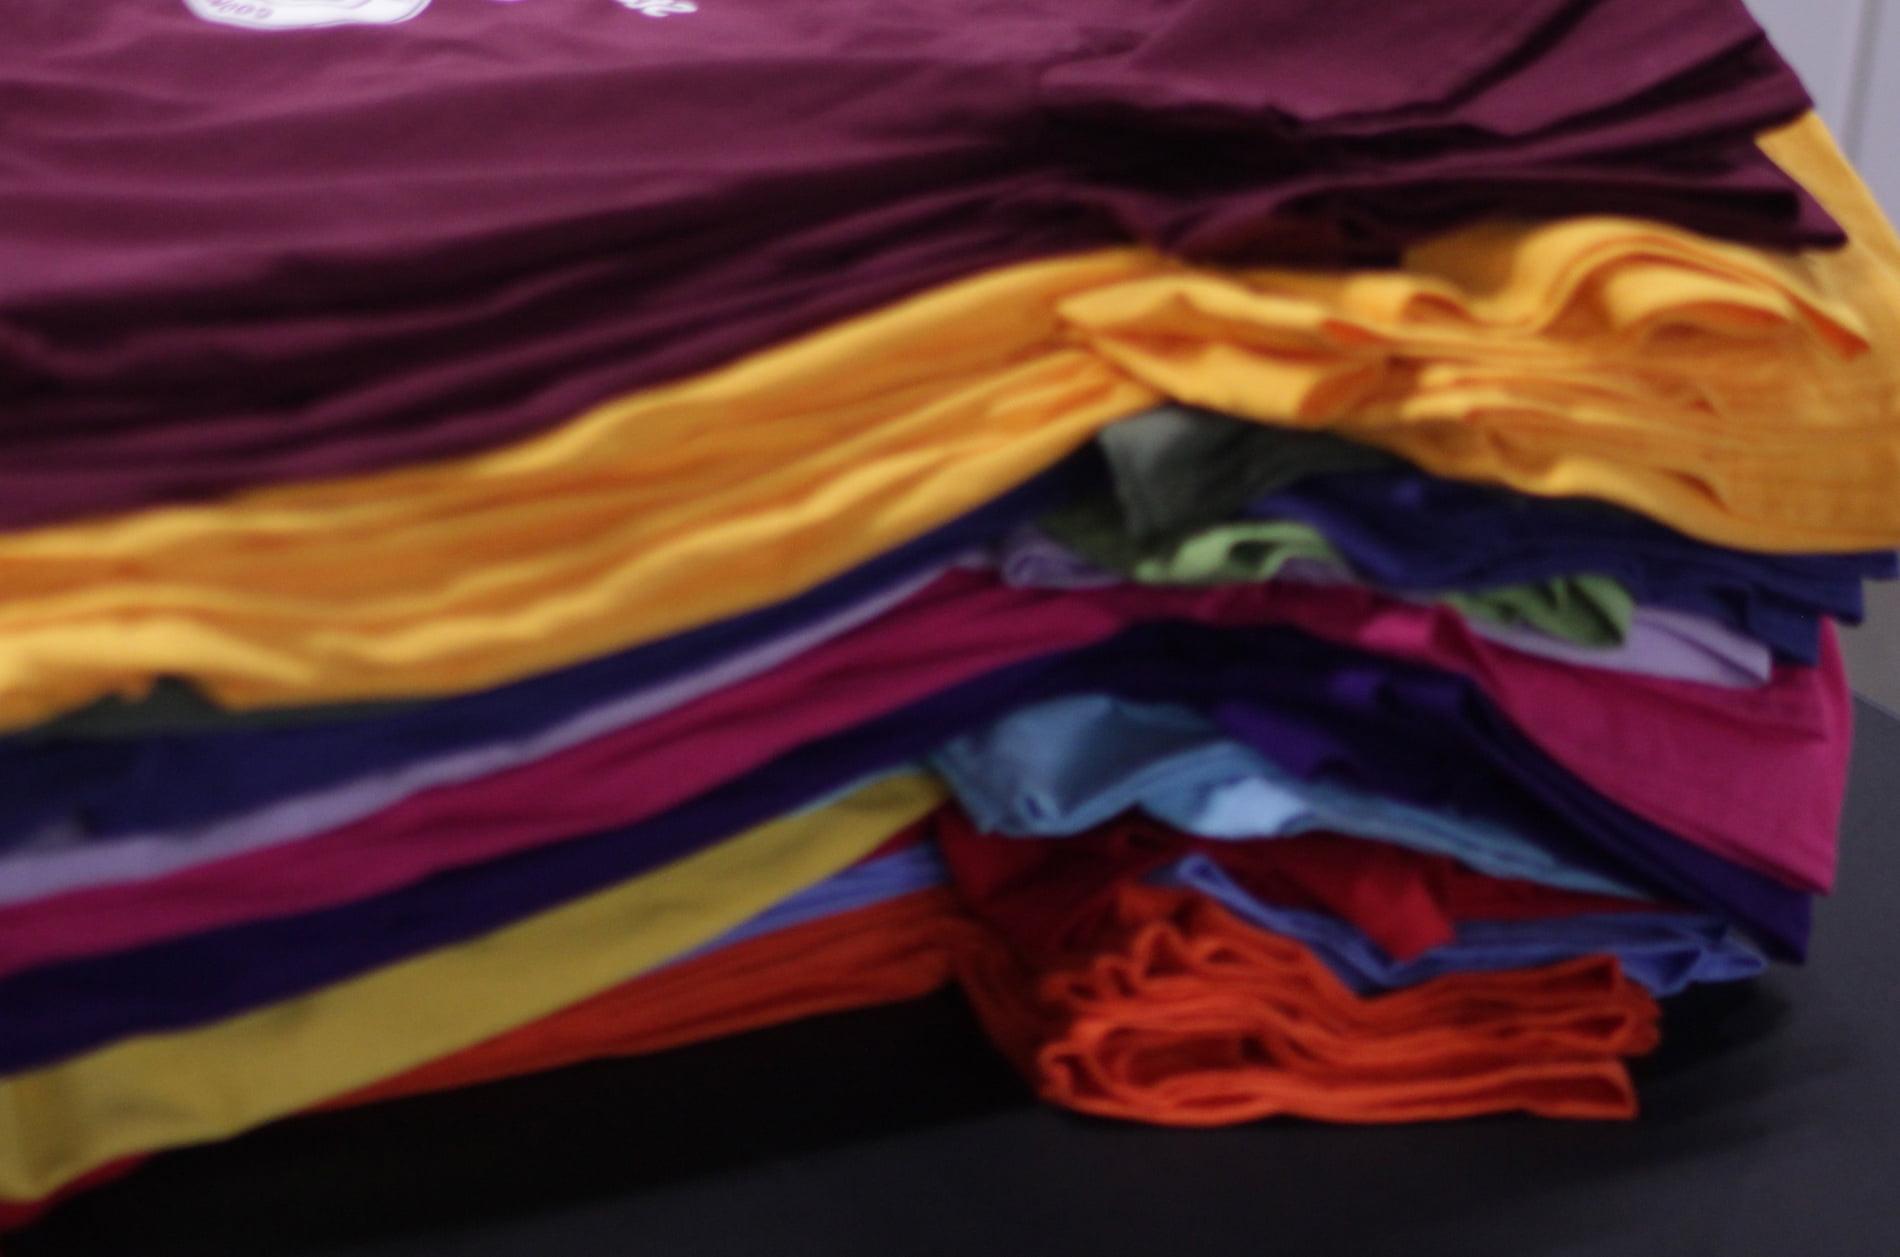 Amenzi aplicate pentru nereguli la vânzarea de produse textile